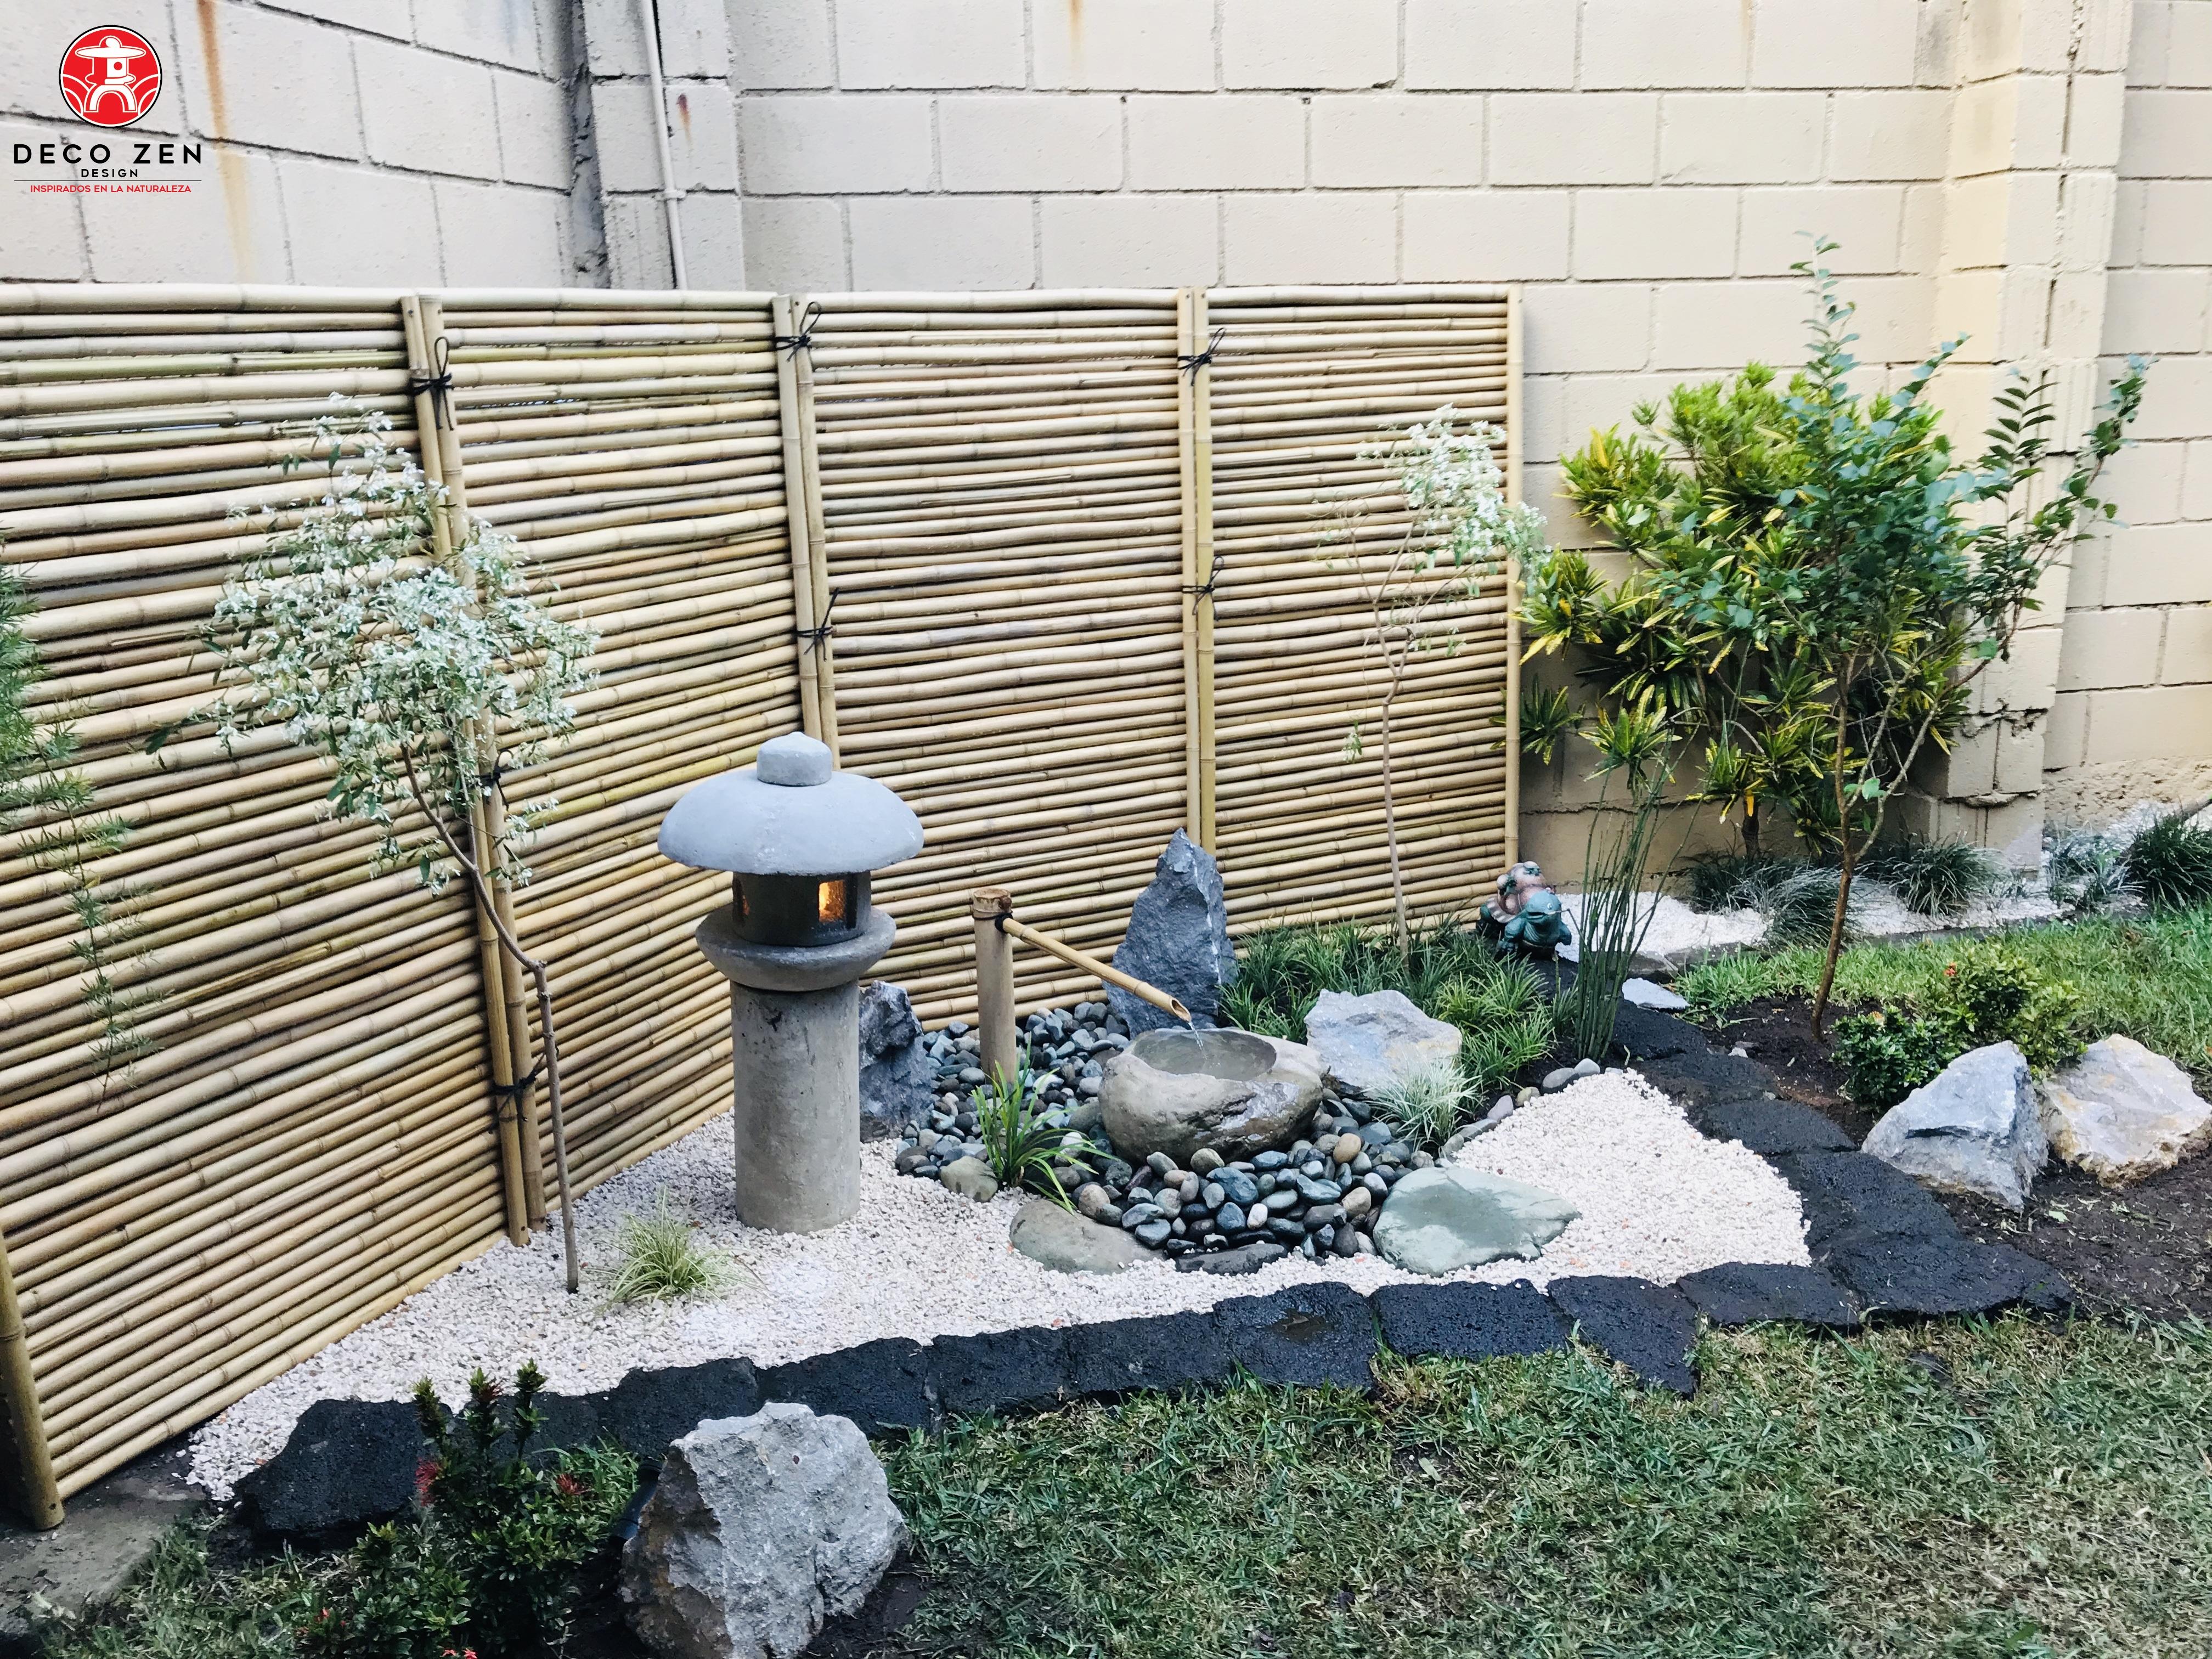 Jardines zen costa rica deco zen design jard n japon s for Decoracion jardin japones